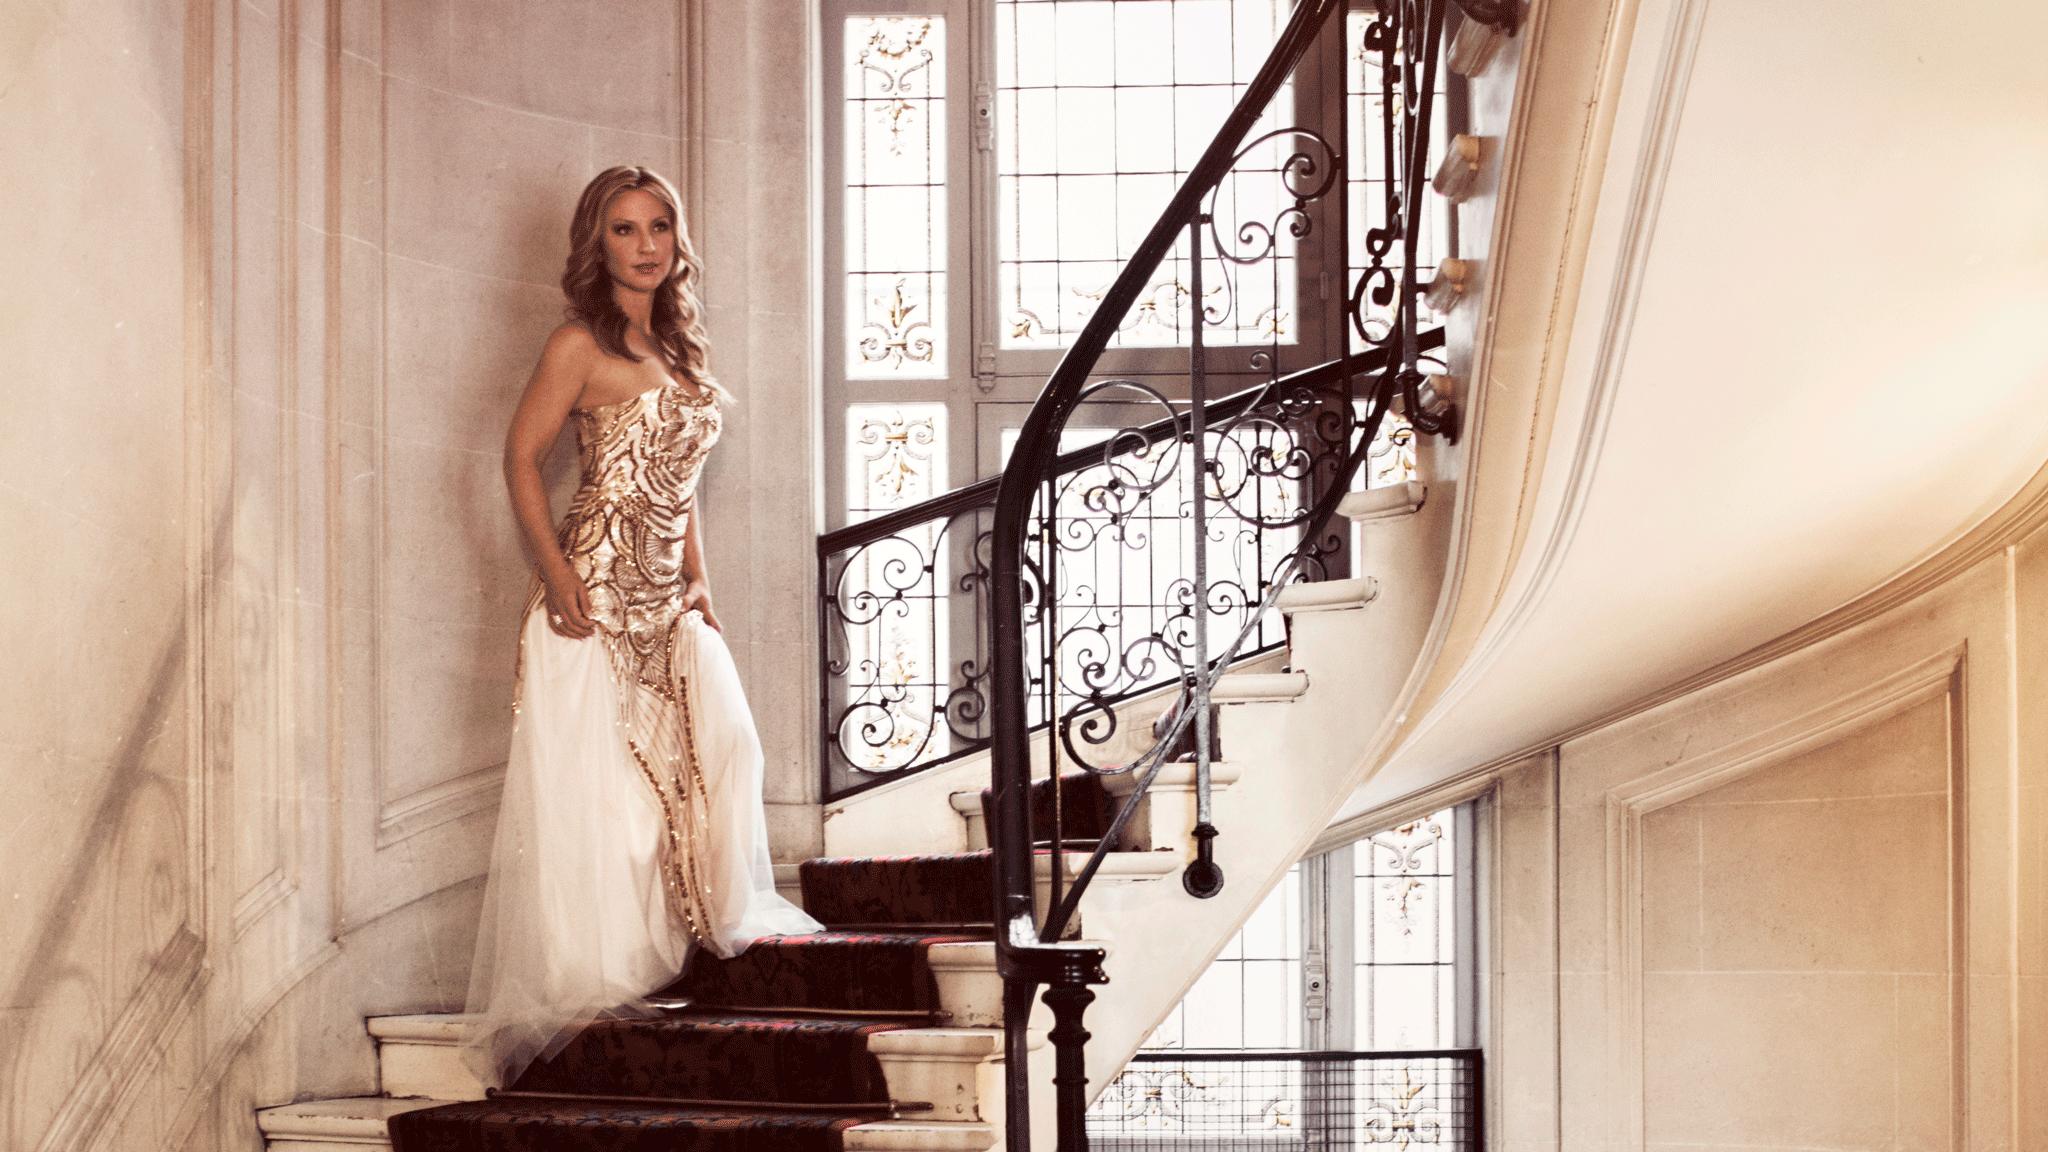 13-Rachel-Stairs.png